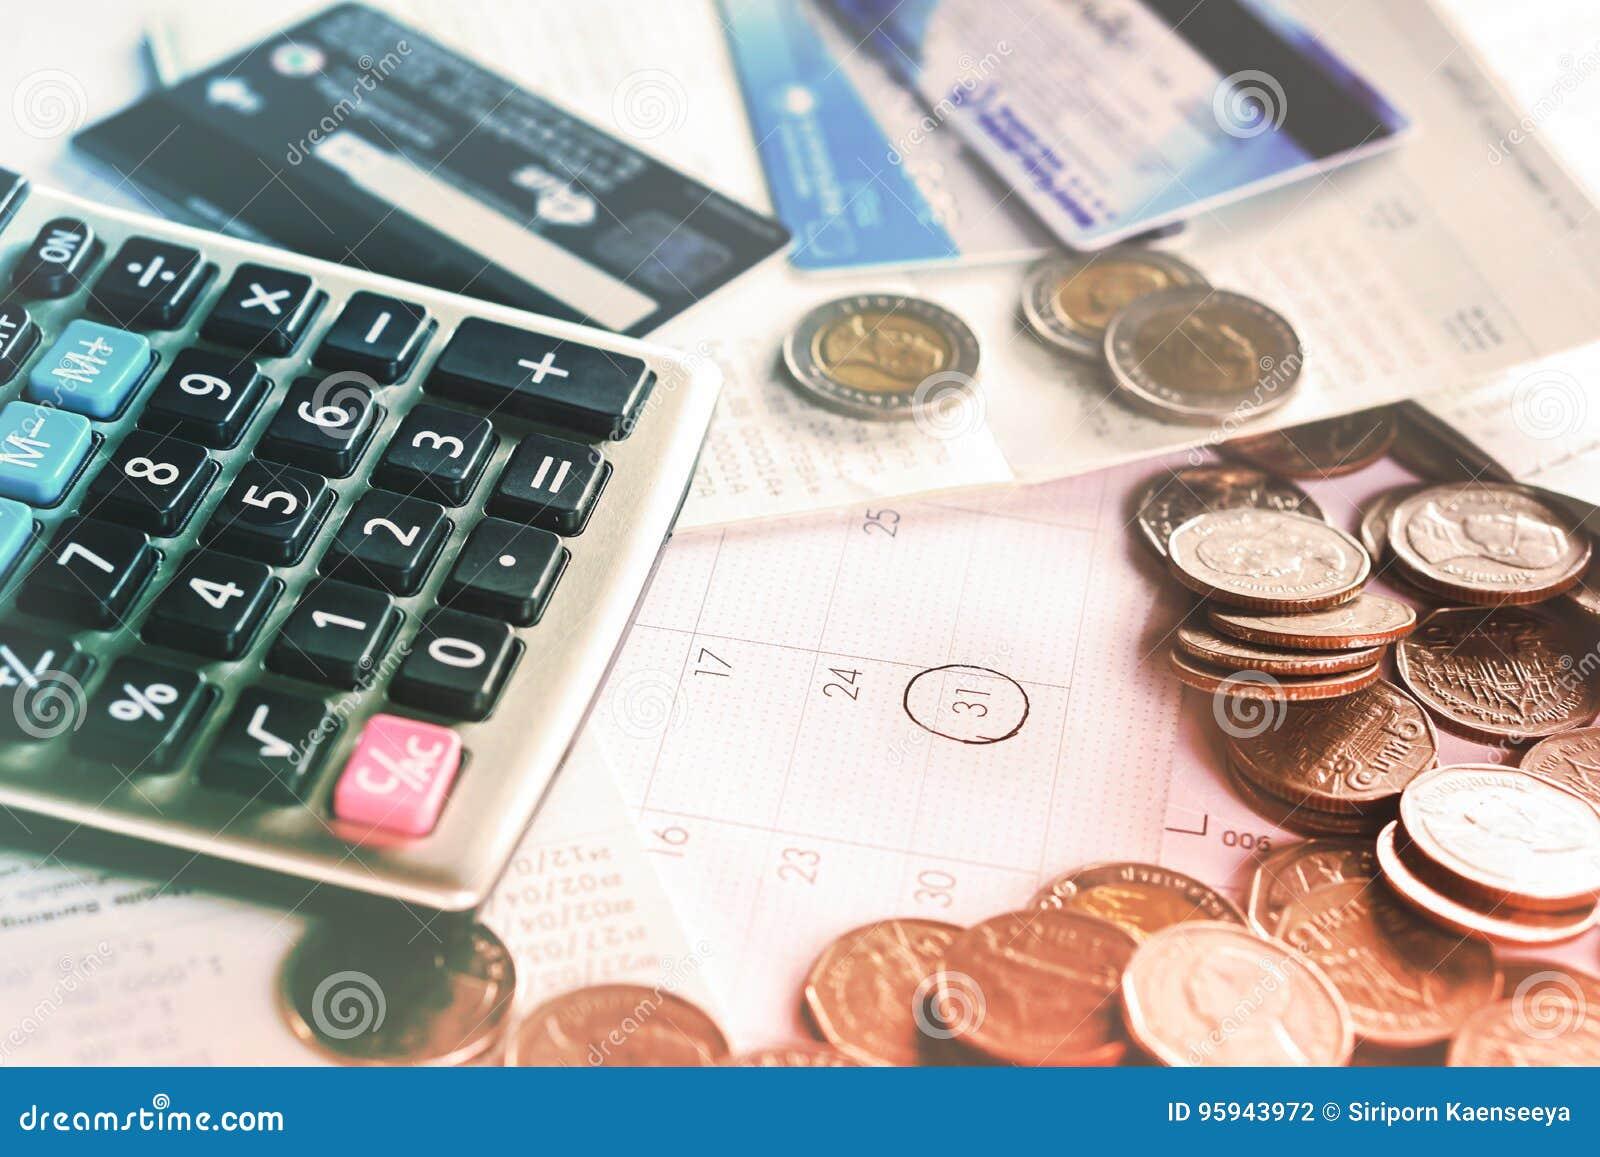 Επιχειρησιακή έννοια με τα νομίσματα, ημερολόγιο προθεσμίας, υπολογιστής, πιστωτική κάρτα